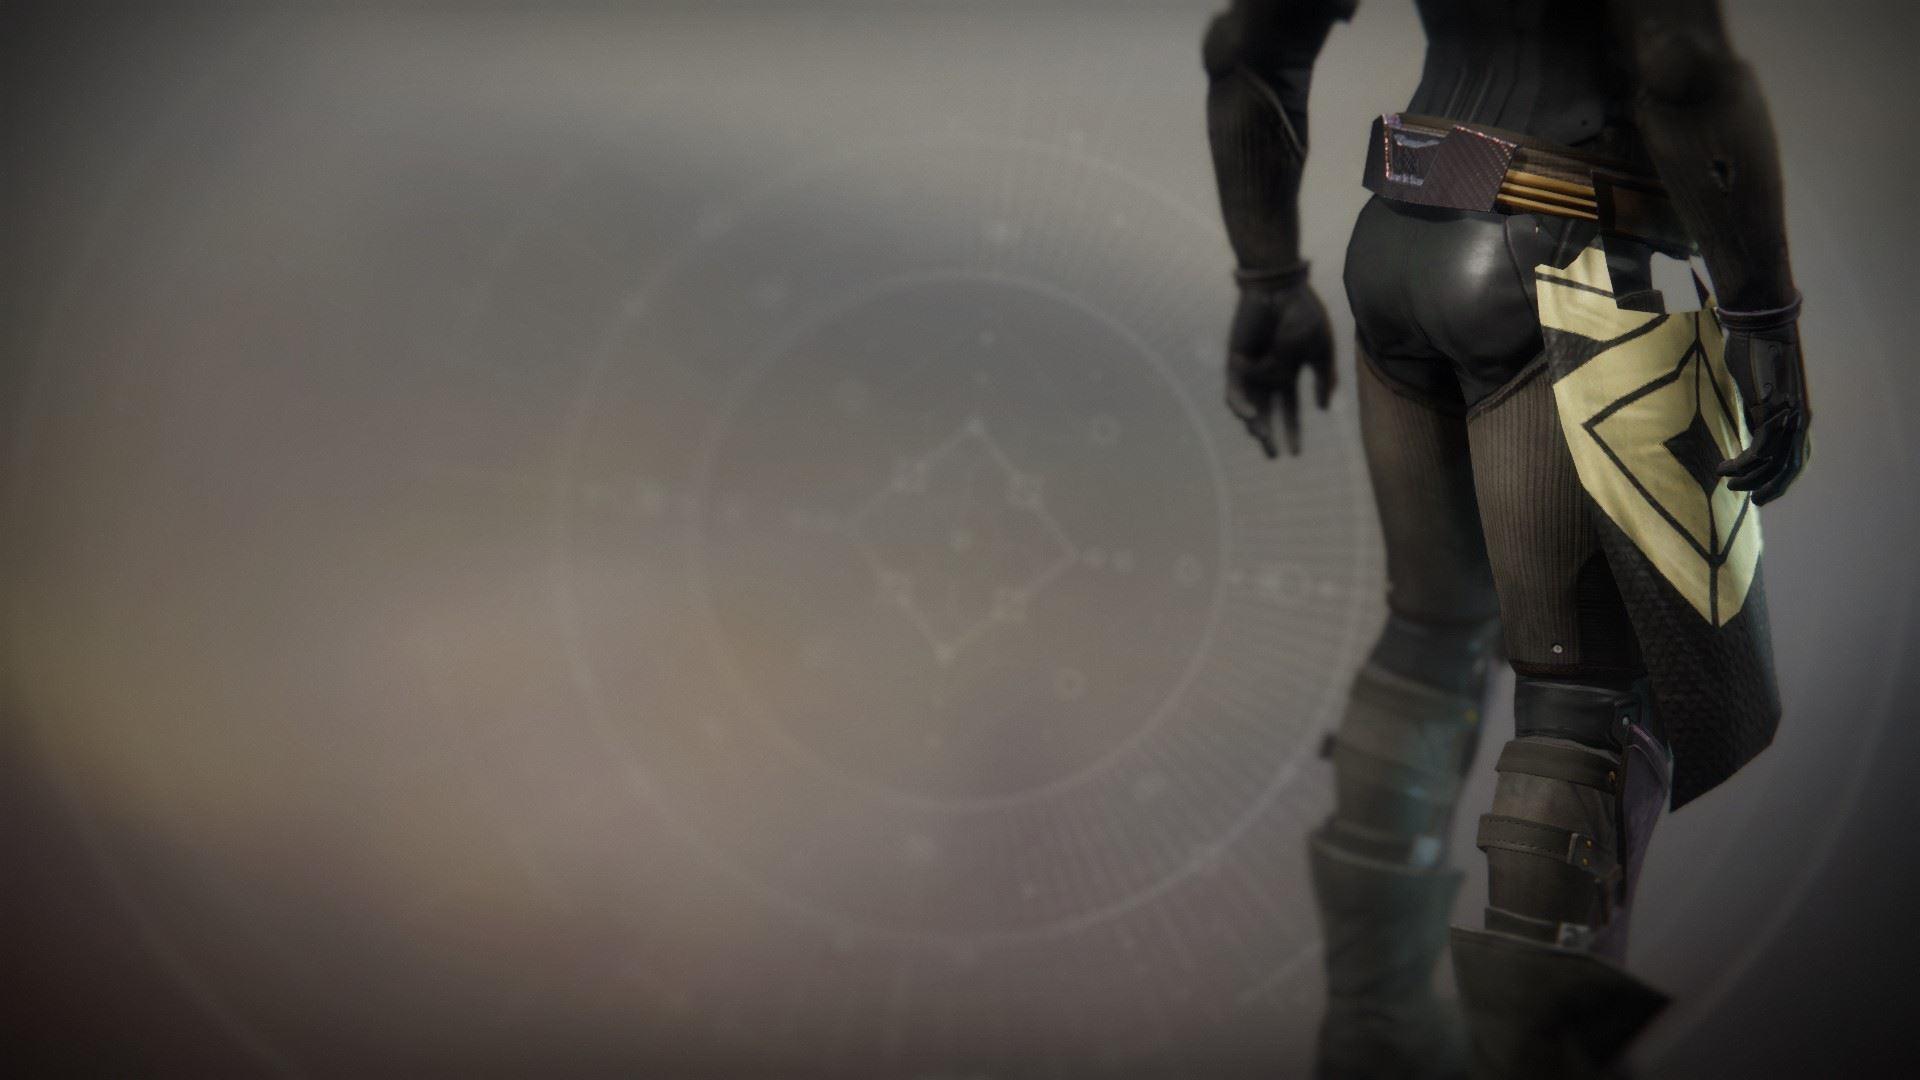 Midnight Exigent Mark - Destiny 2 Legendary Titan Mark